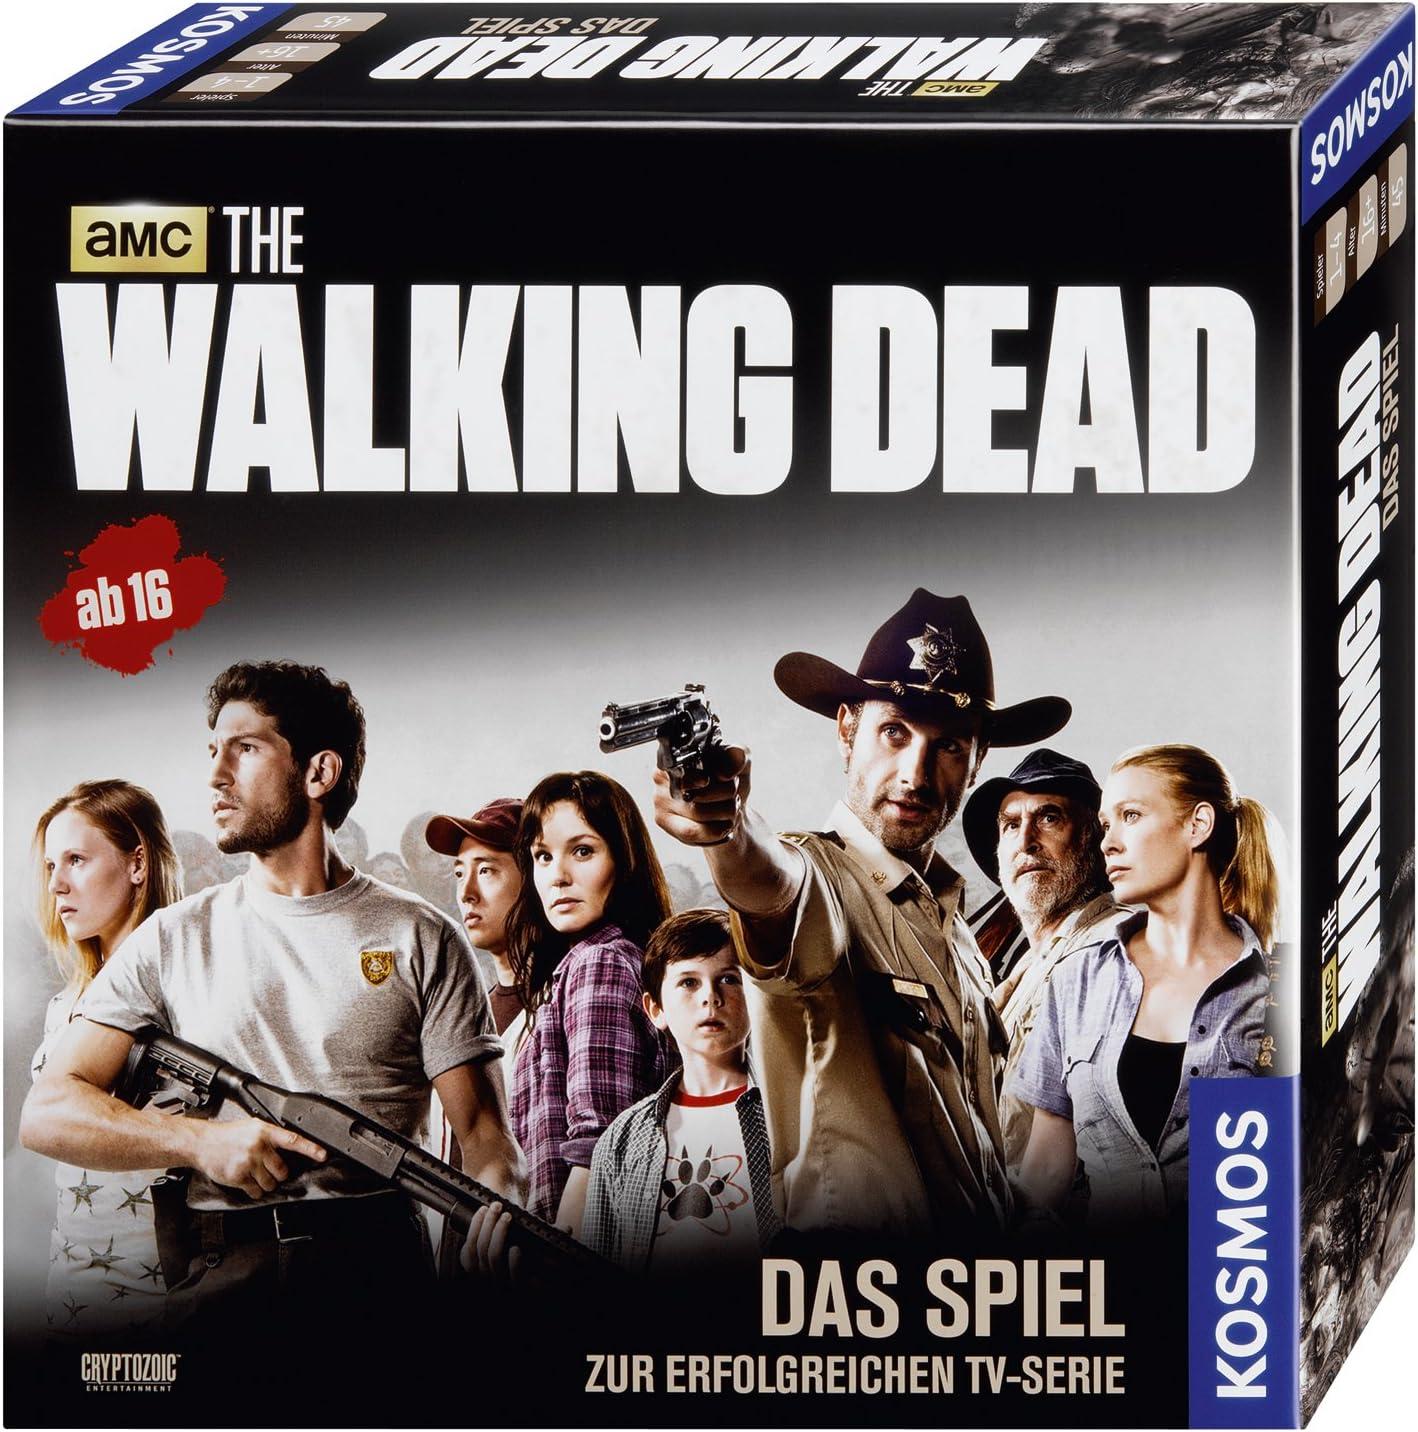 KOSMOS The Walking Dead Juego de rol - Juego de Tablero (Juego de rol, 45 min, 16 año(s), 297 mm, 297 mm, 74 mm): Amazon.es: Juguetes y juegos